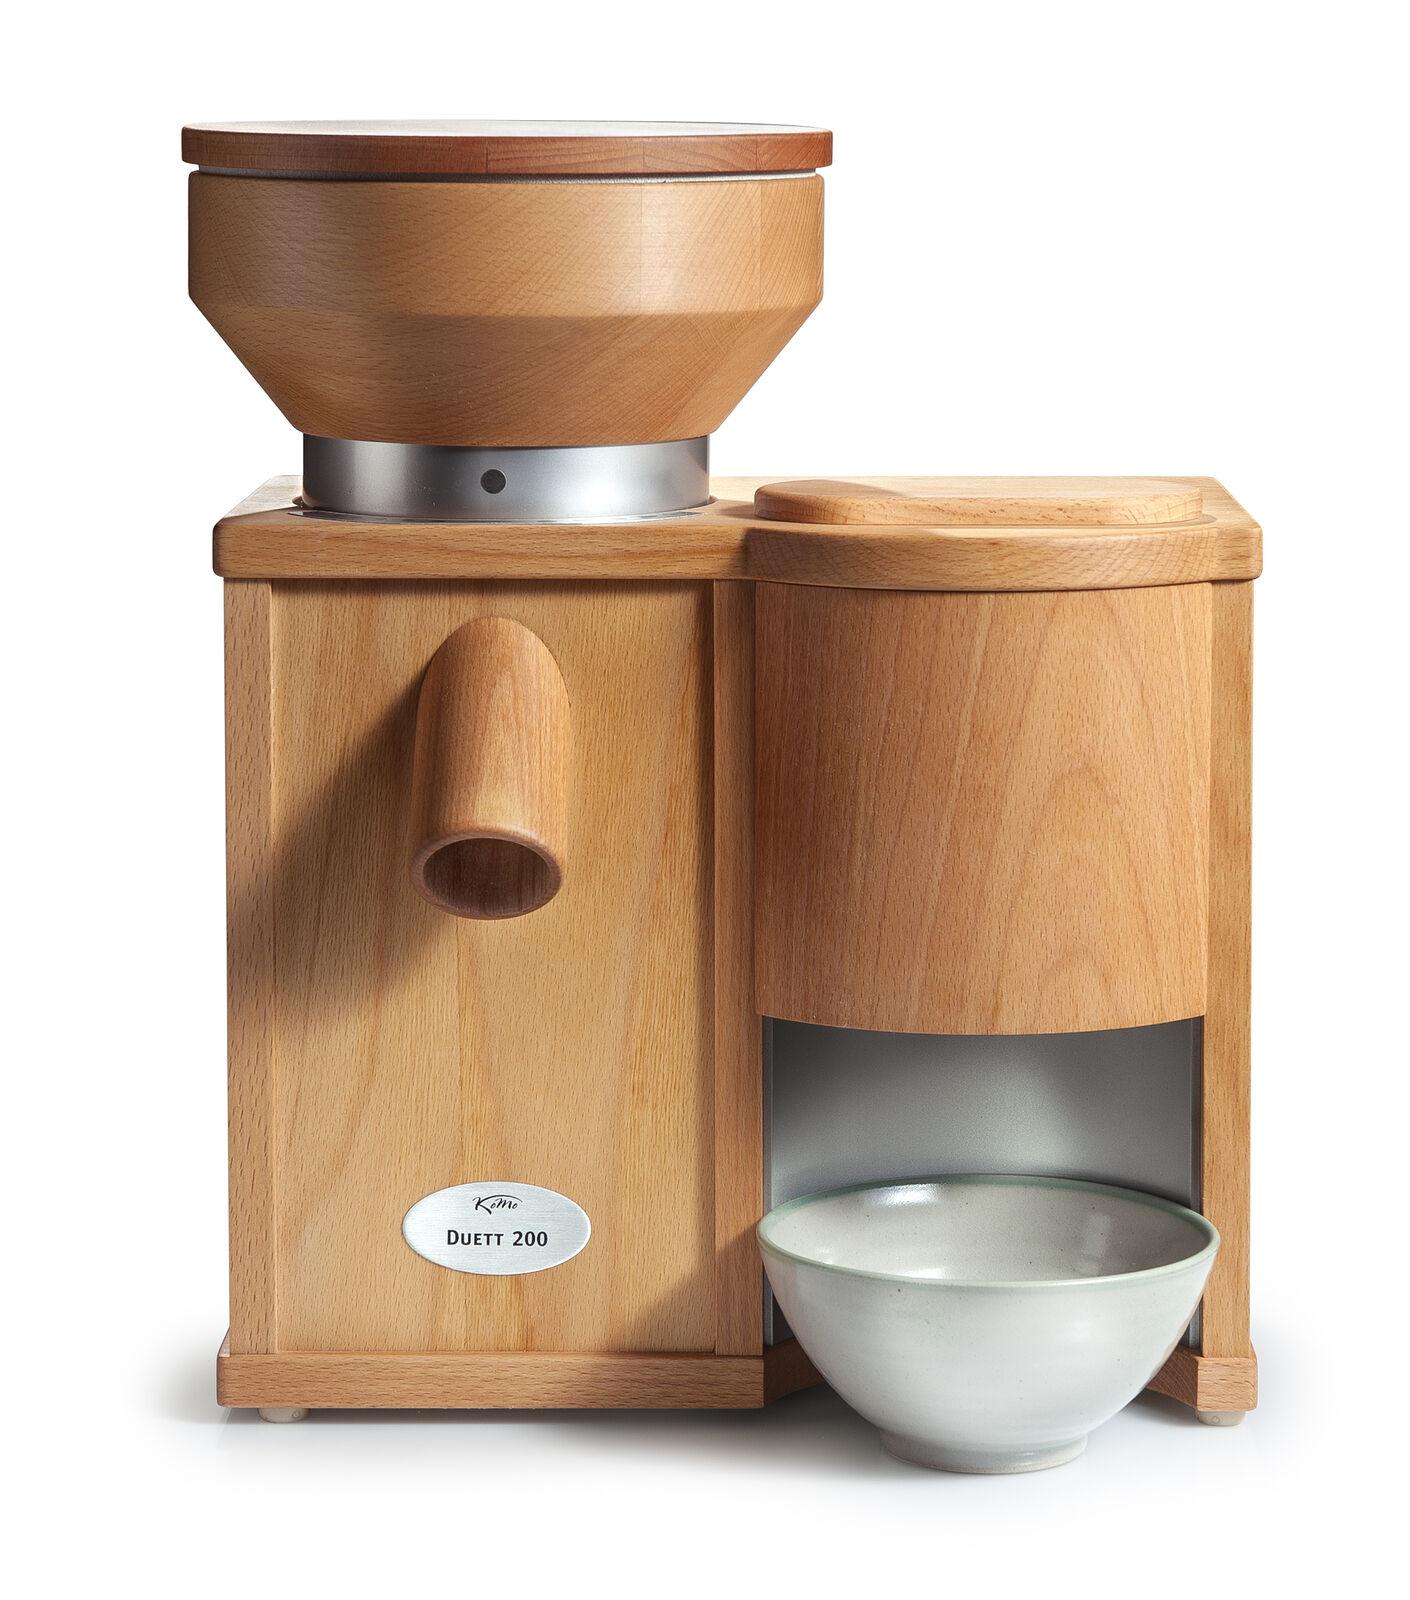 KoMo Duo 200 céréales Moulin avec flocons 600 W